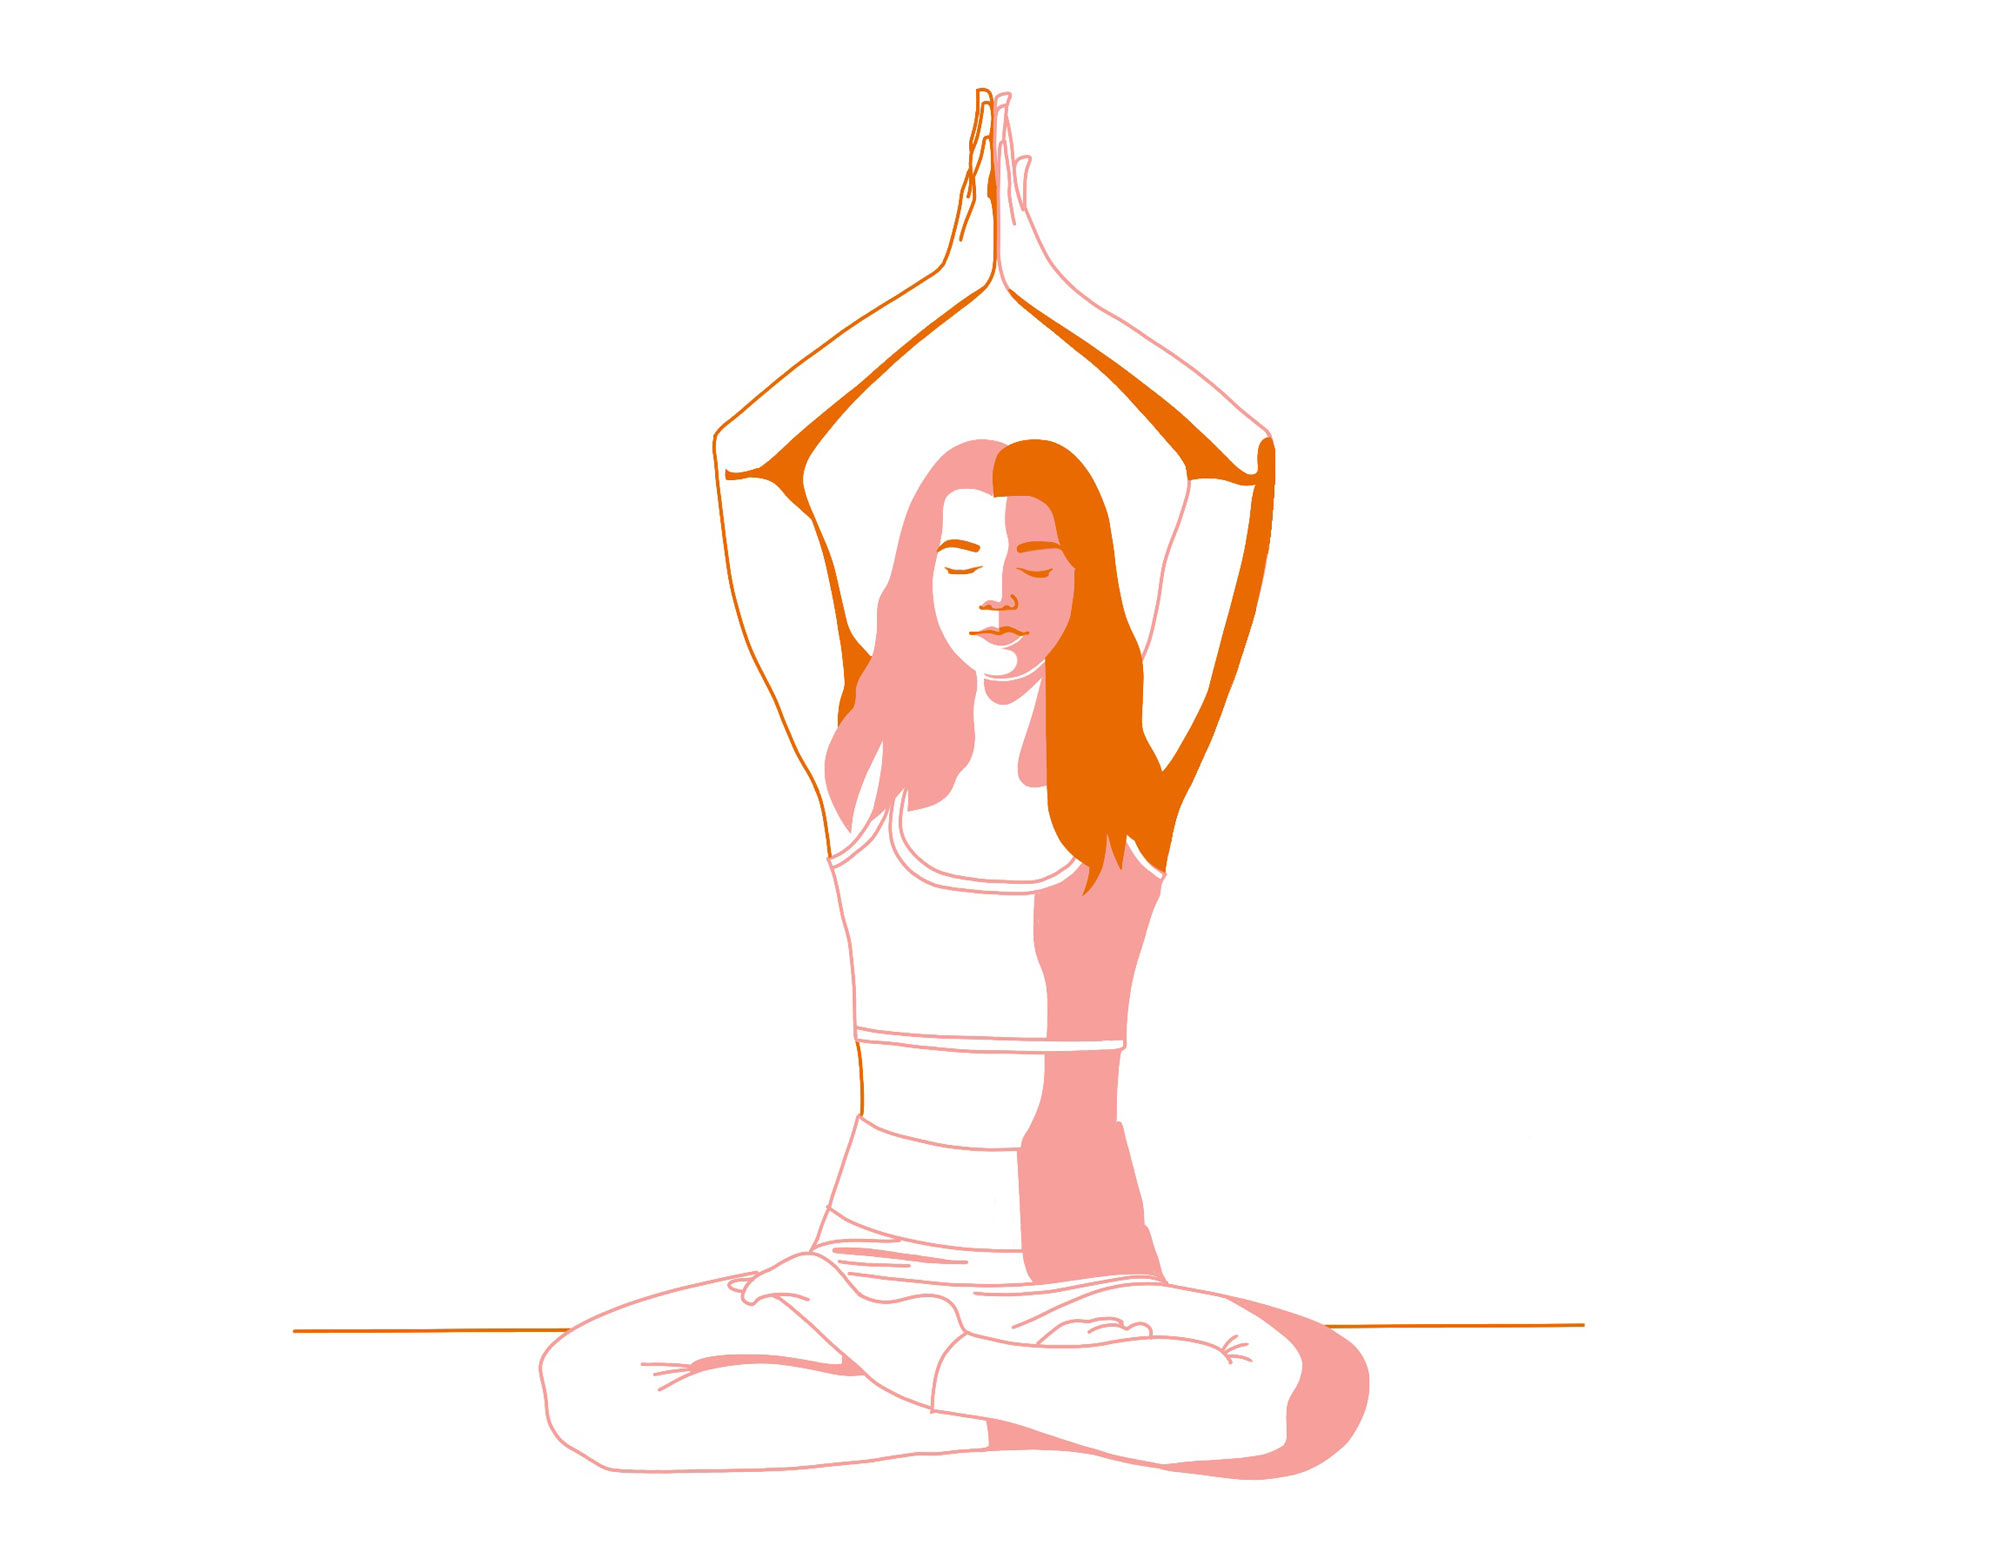 Illustration einer Frau, die eine Yogaübung macht